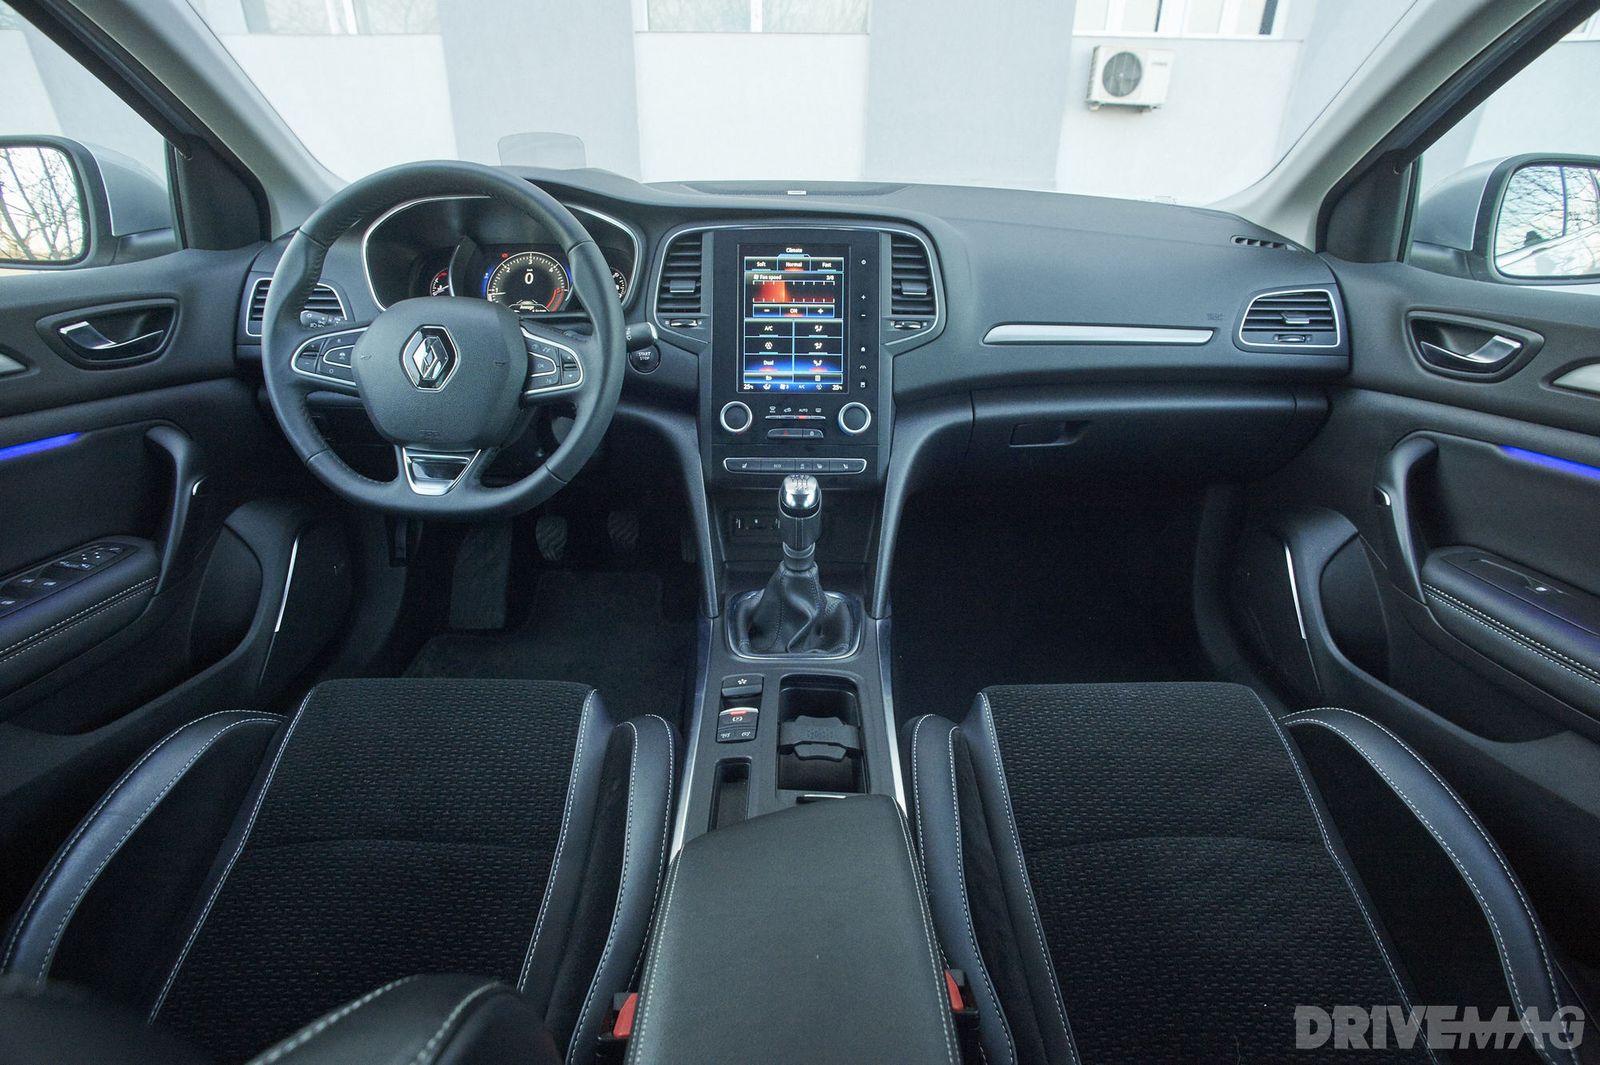 Renault Megane Sport Tourer 1 6 dCi test drive: le bon wagon